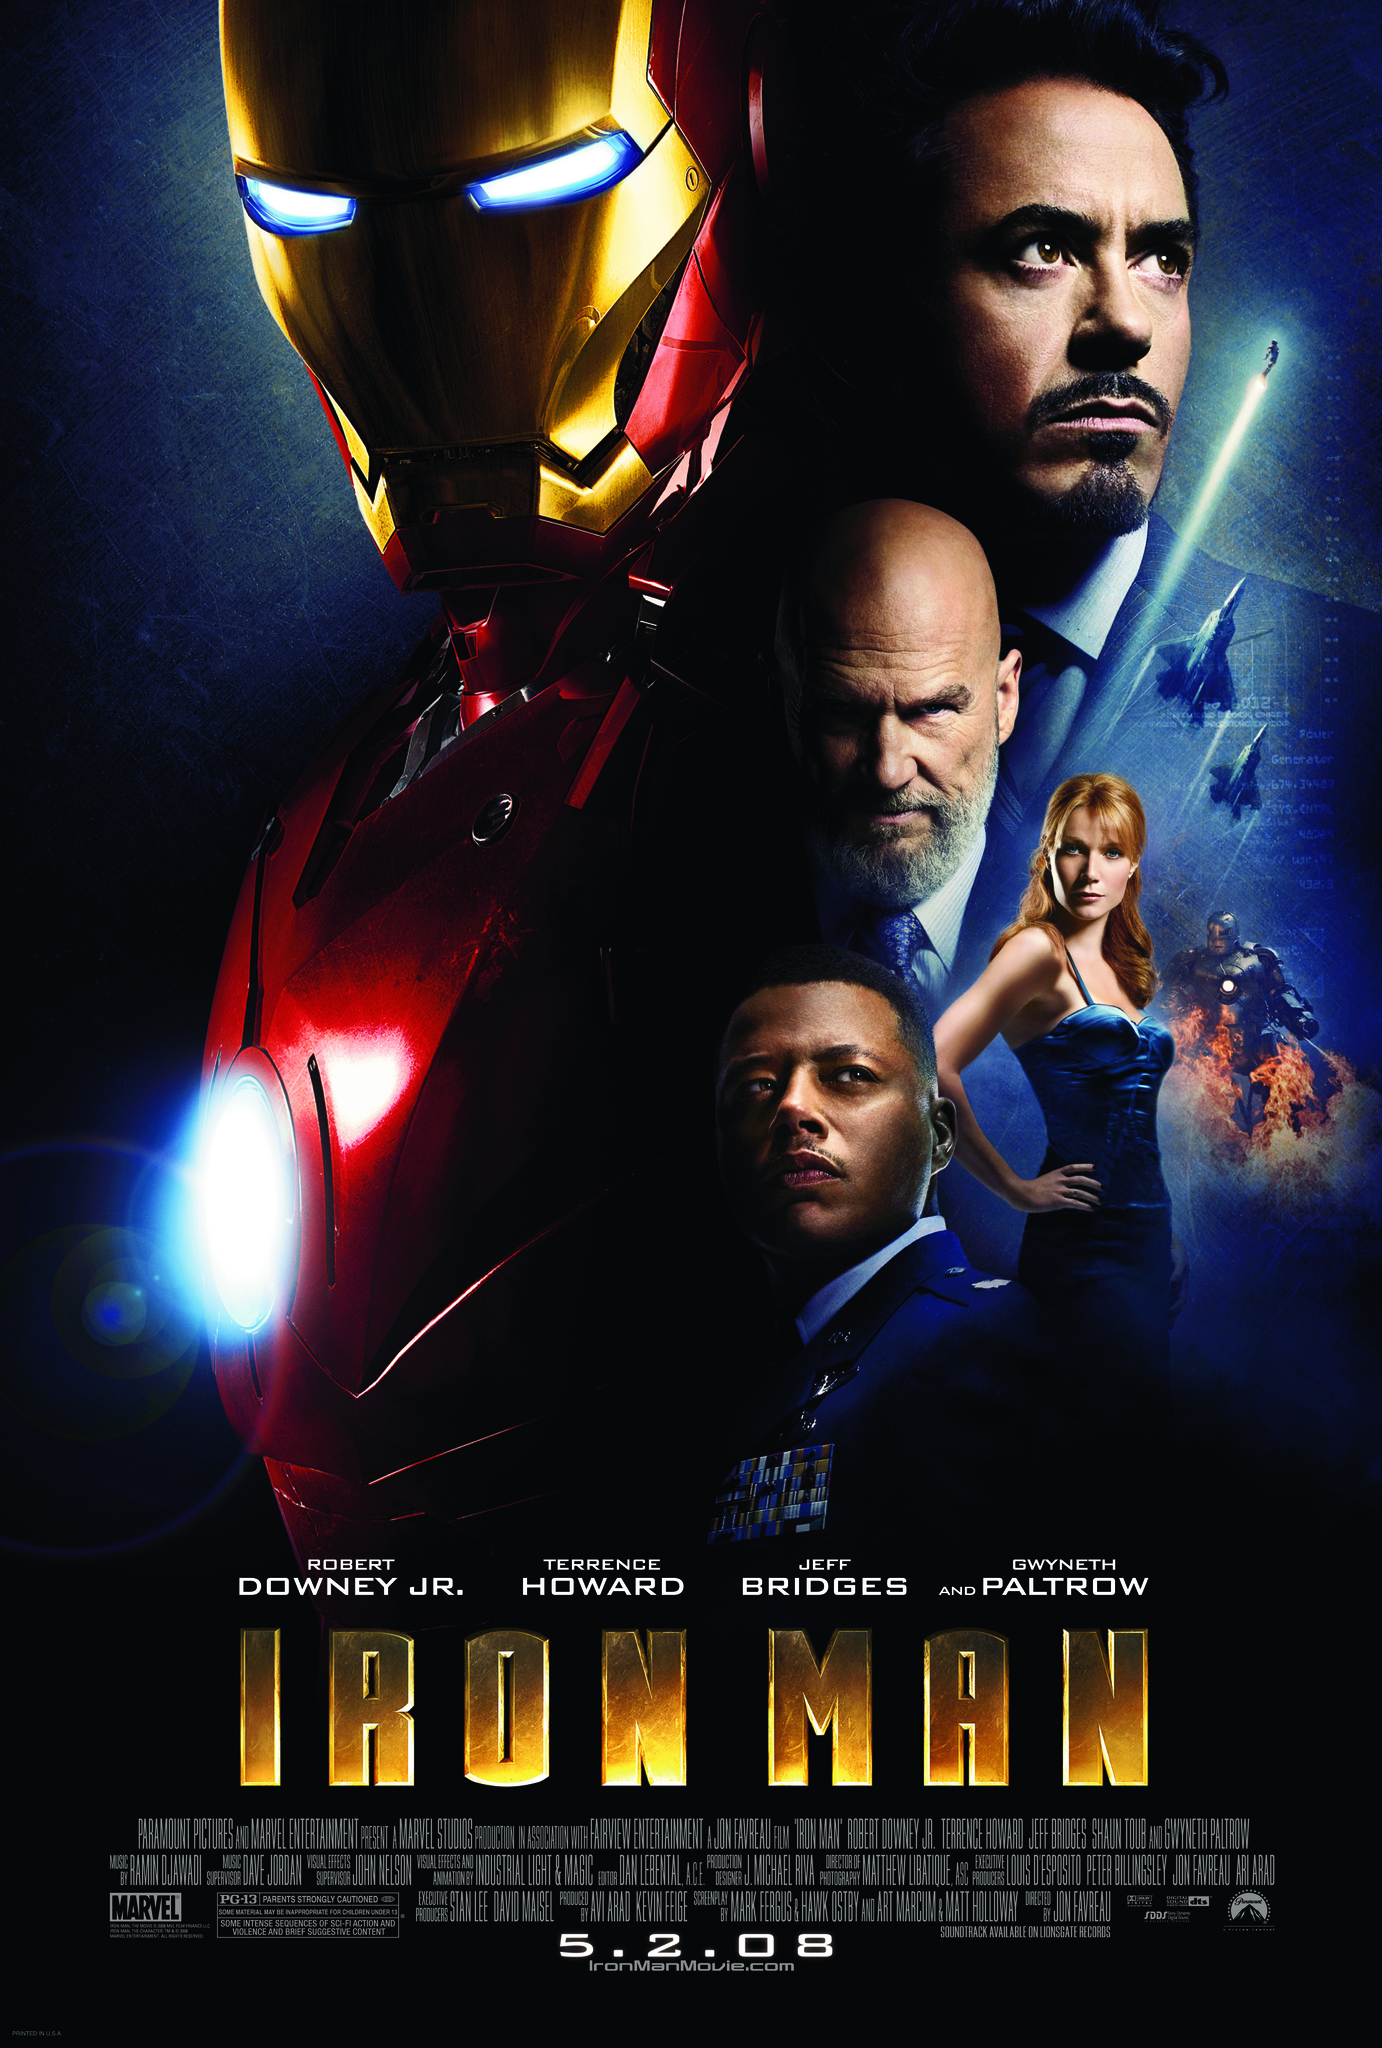 Iron Man (2008) BluRay 480p, 720p, 1080p & 4K-2160p